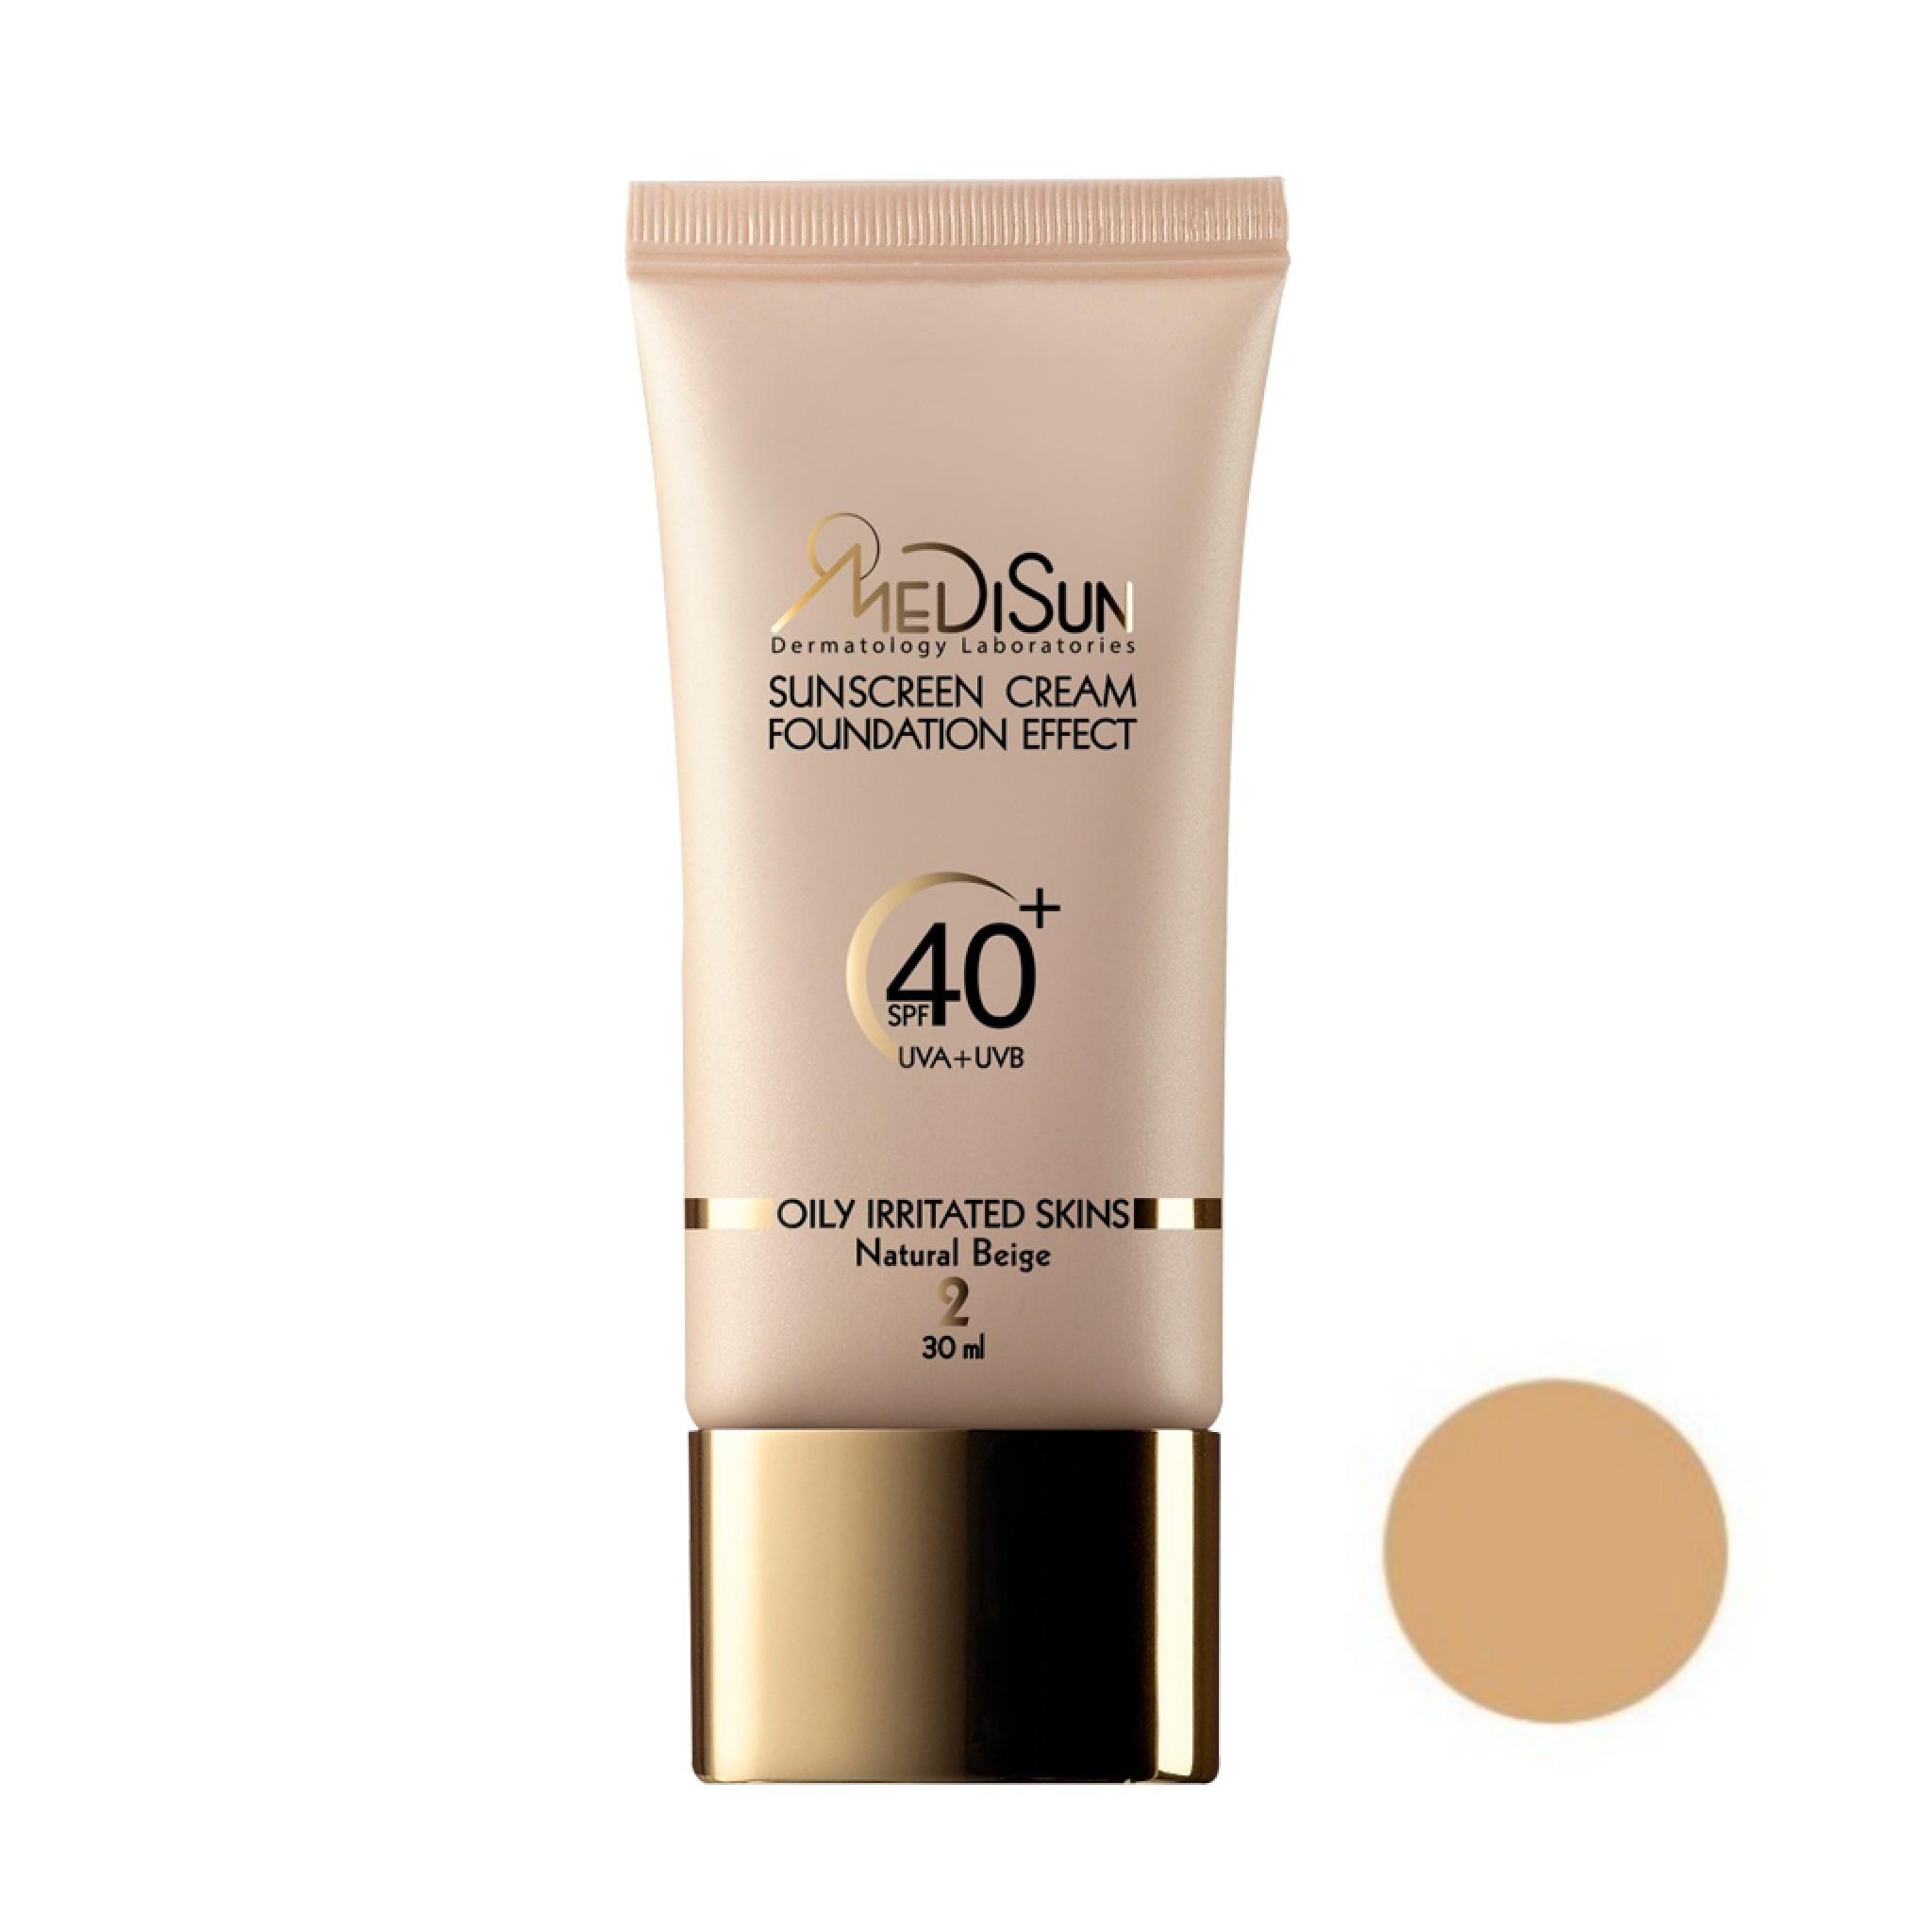 قیمت کرم پودر مدیسان سری Oily Skin مدل Foundation Effect شماره 02 حجم ۳۰ میلی لیتر